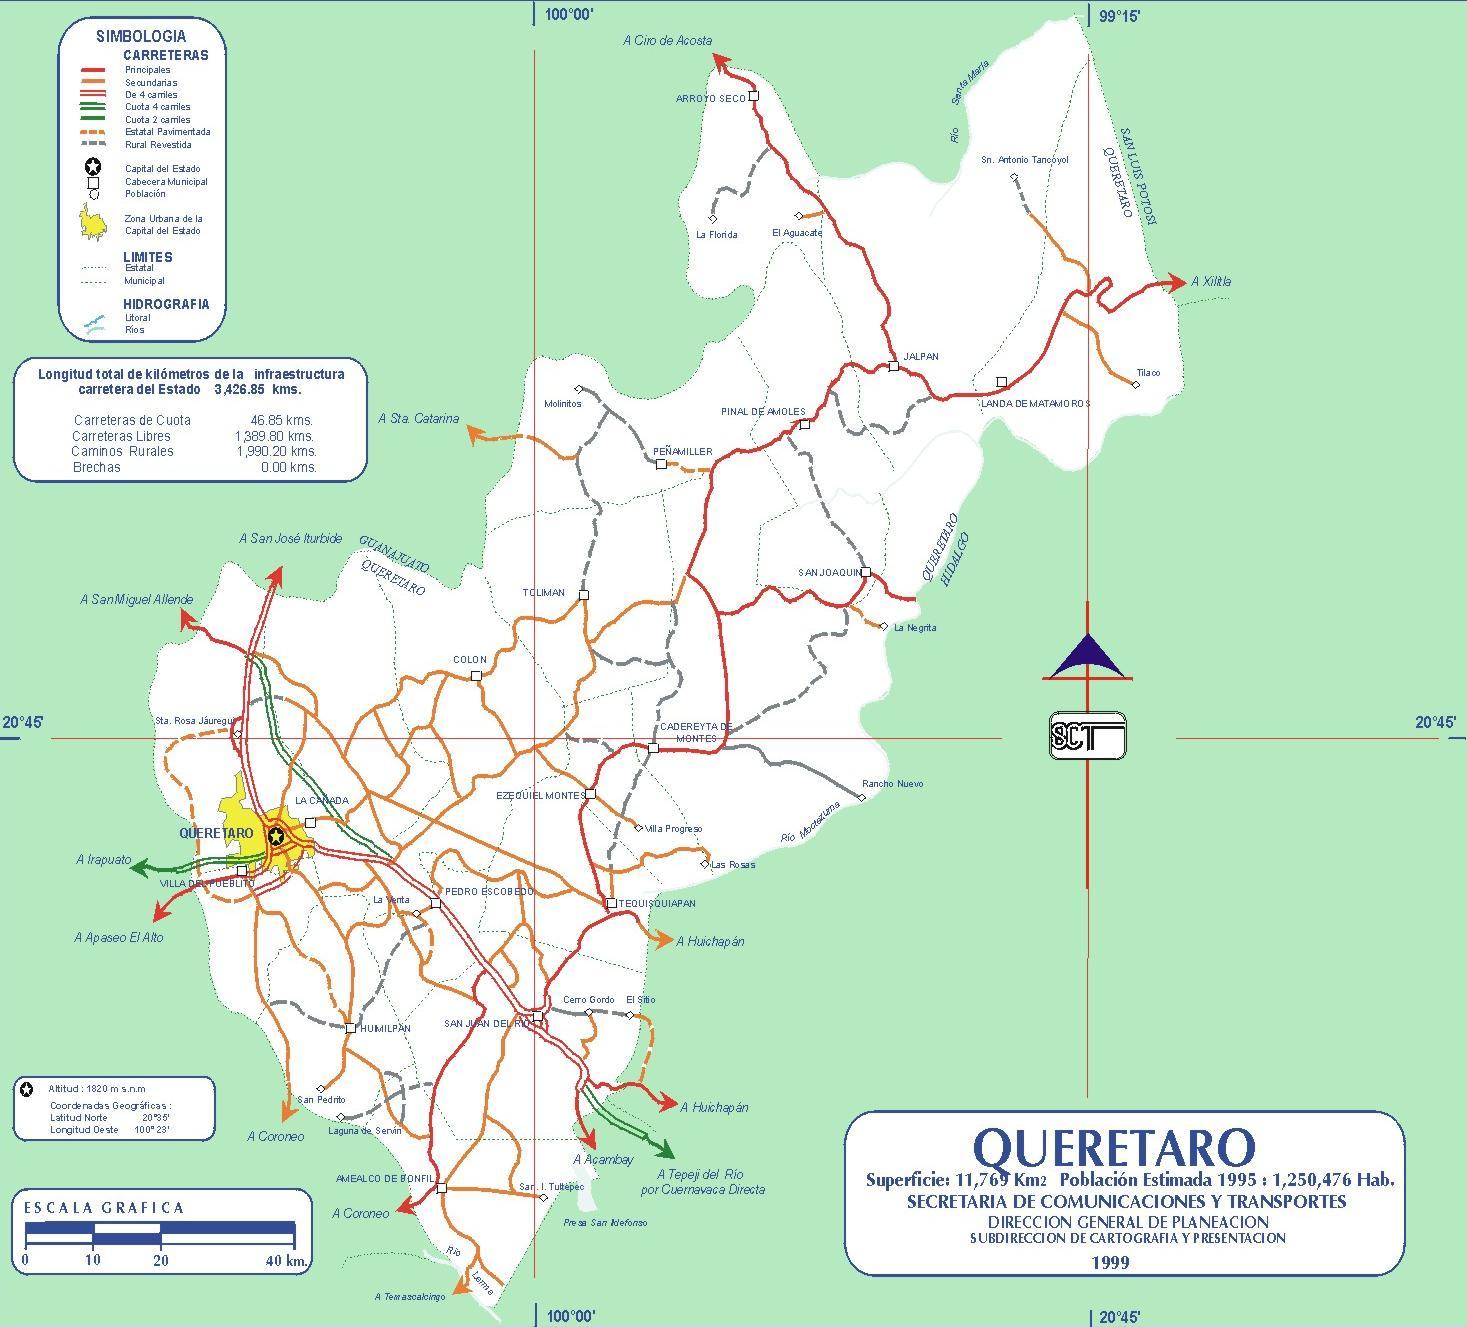 Mapa de carreteras del Estado de Querétaro